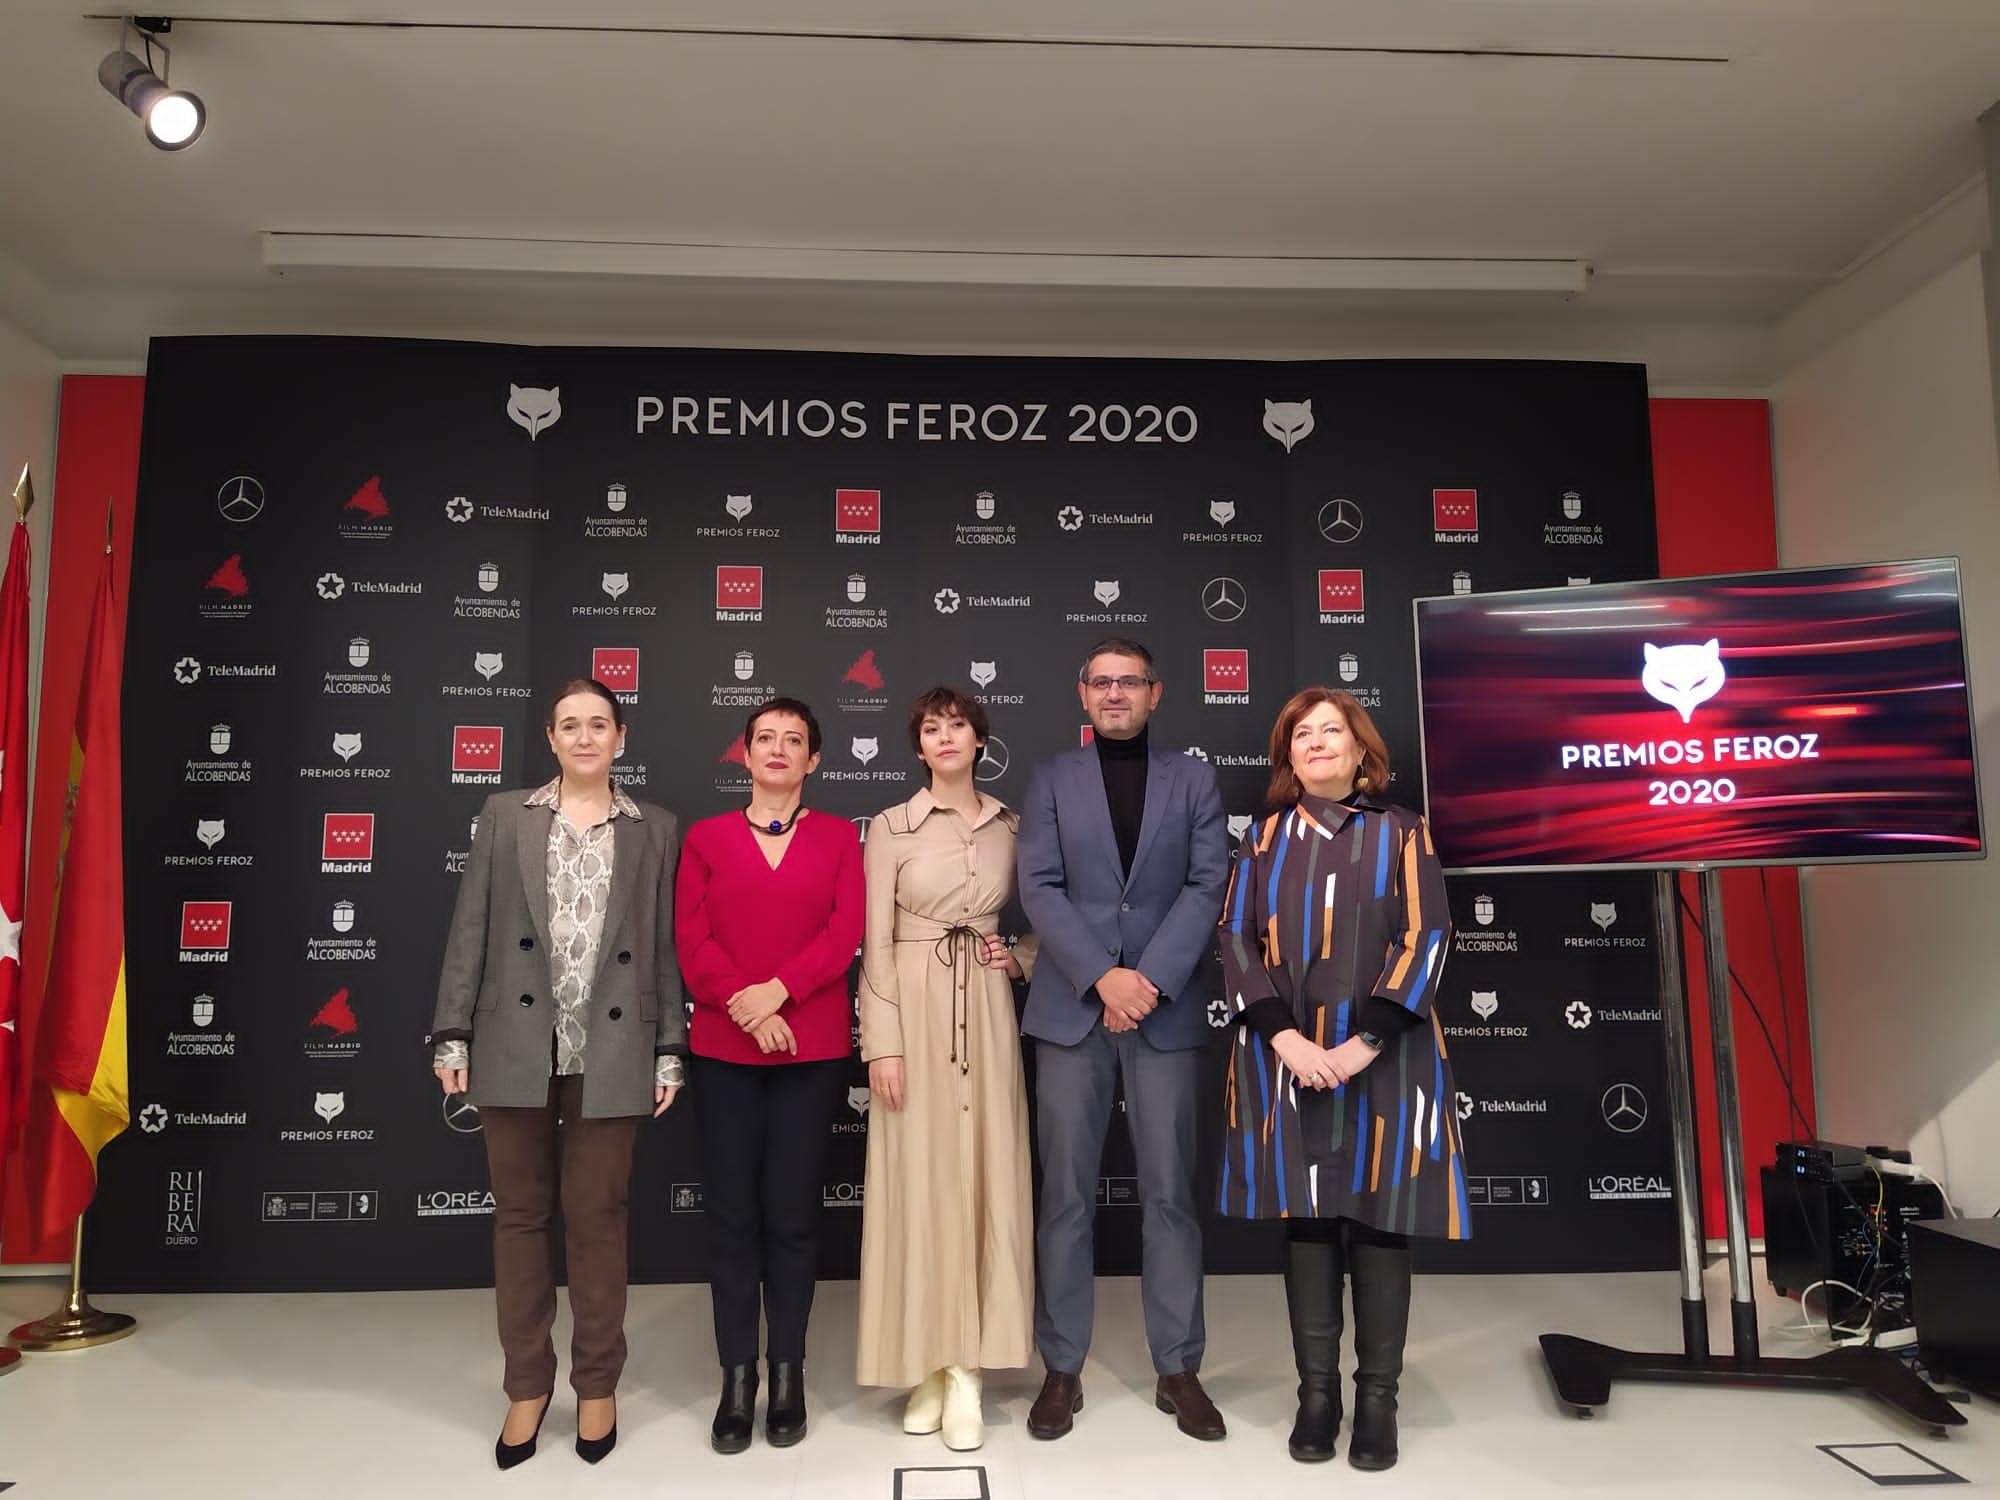 'Dolor y gloria' y 'Vida perfecta' dominan las nominaciones de los Premios Feroz 2020